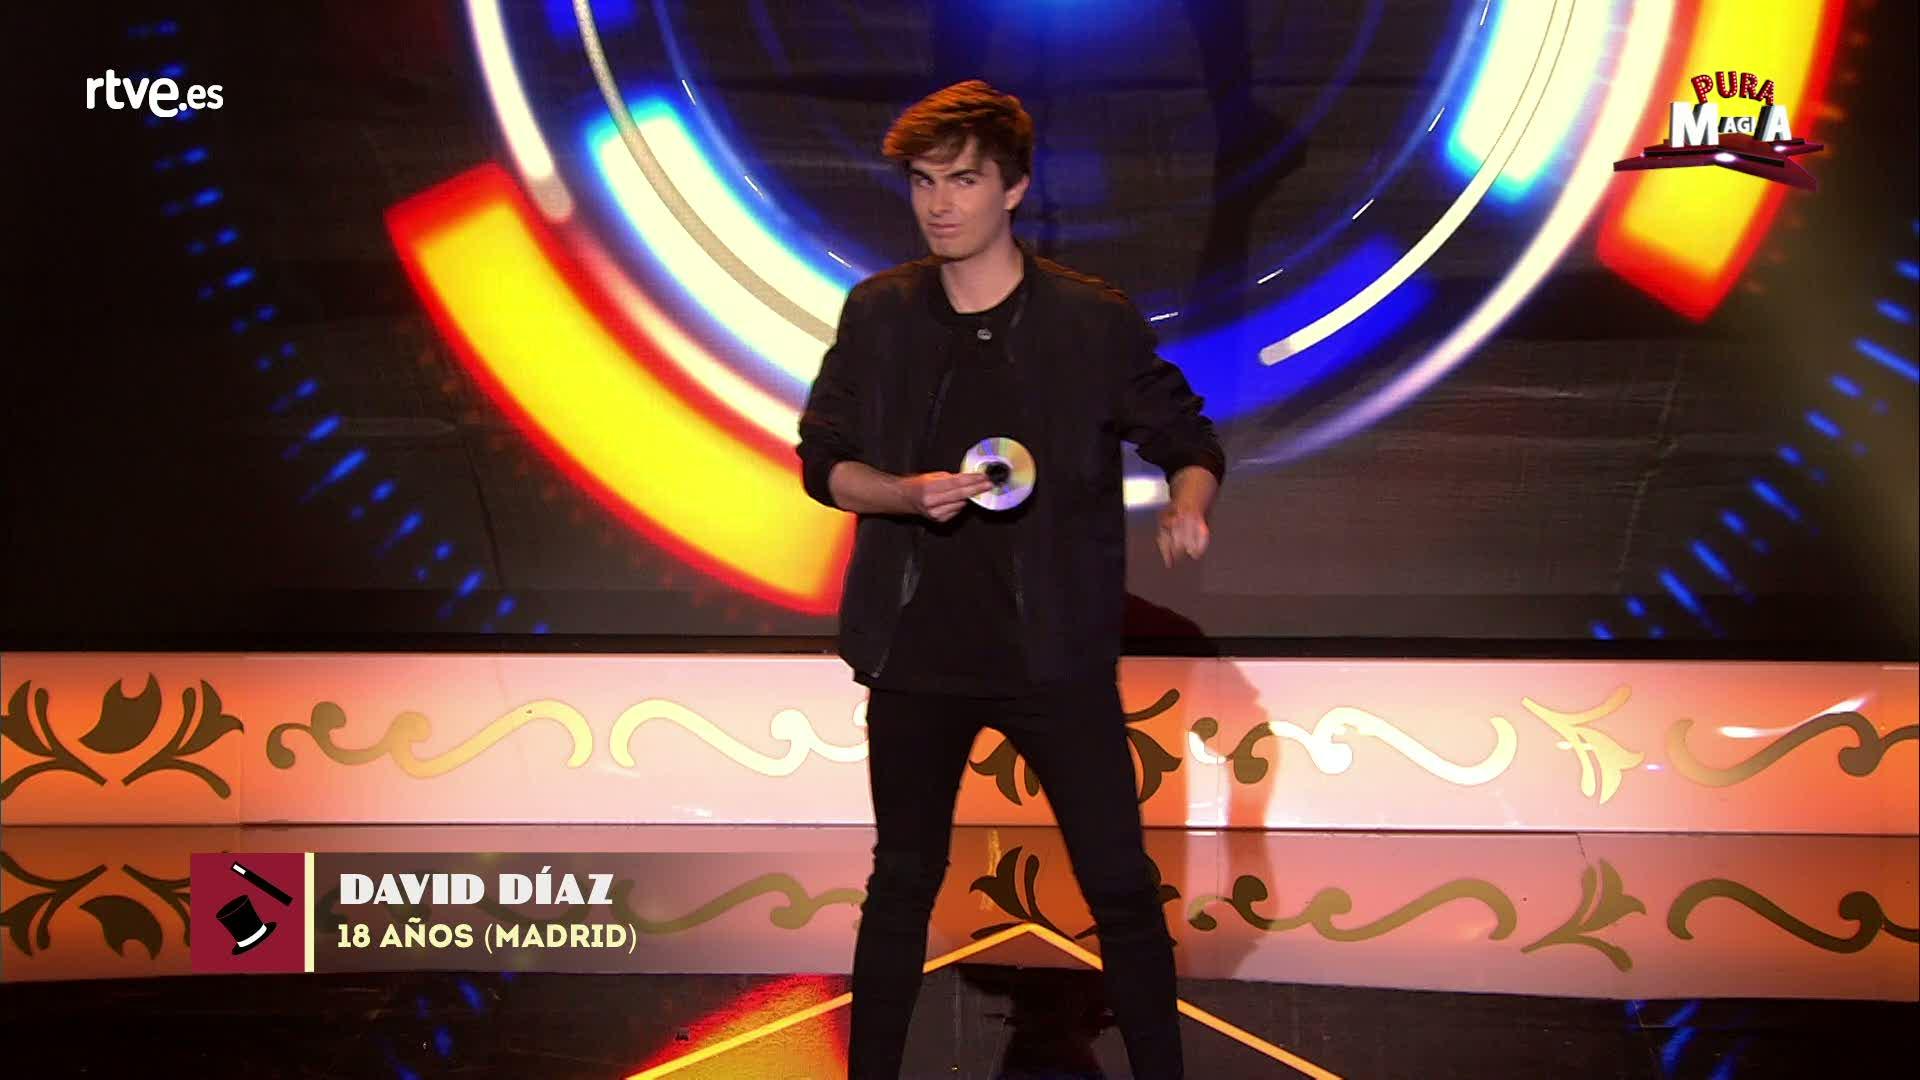 David Diaz nos sorprende con su manipulación de CD¿s